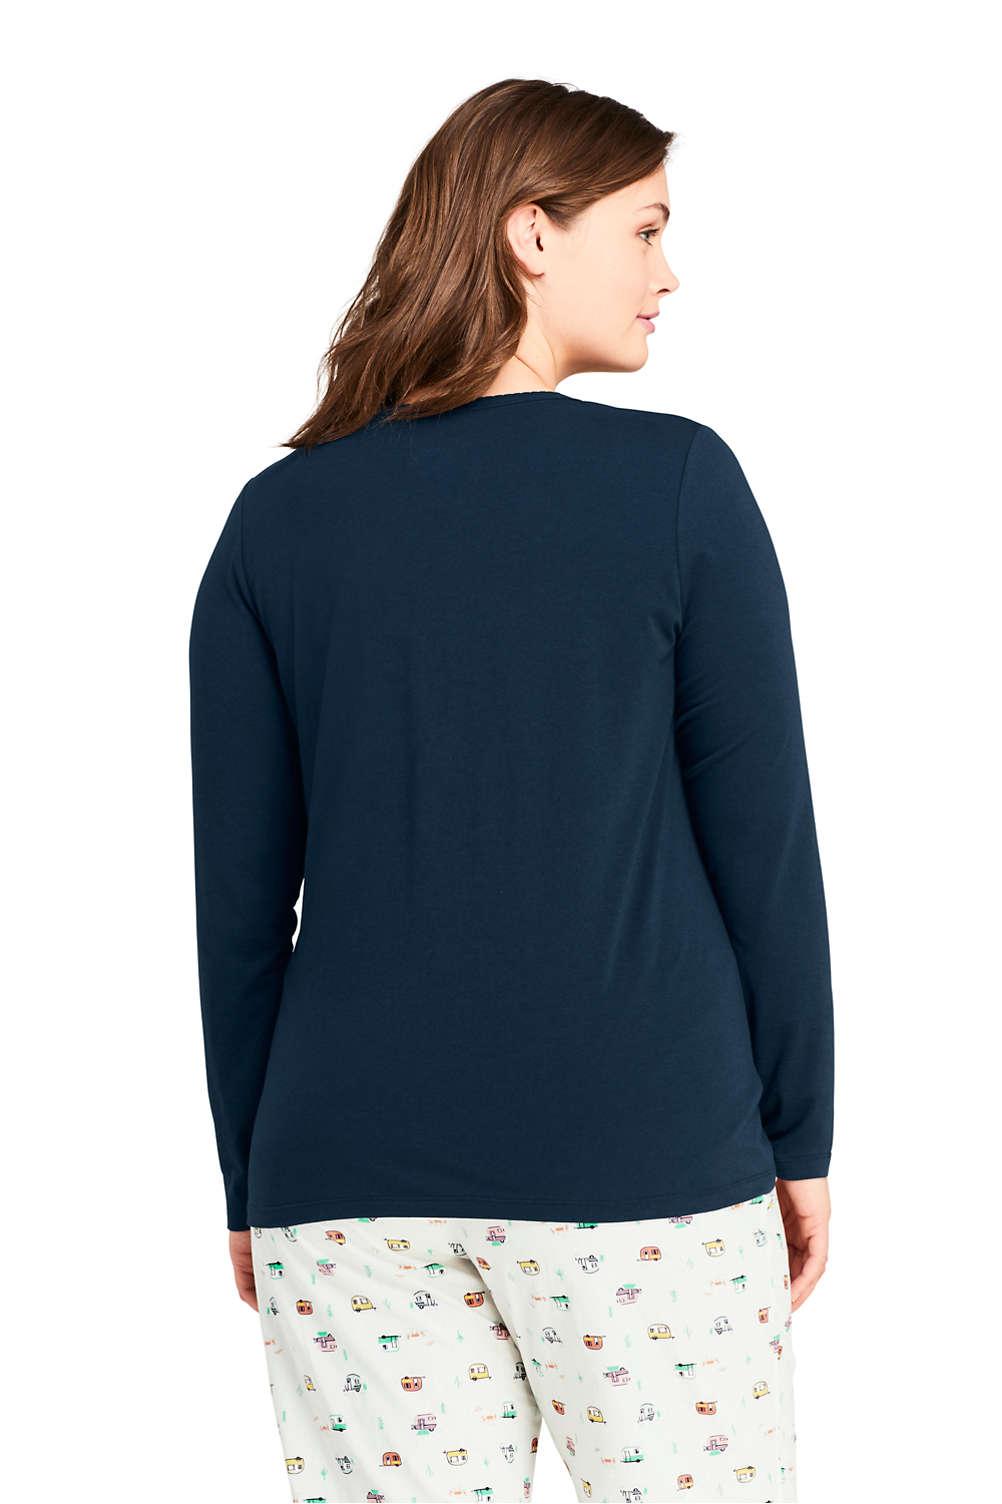 5333bcf2232dc Women s Plus Size Lightweight Long Sleeve Henley Sleep Top from ...